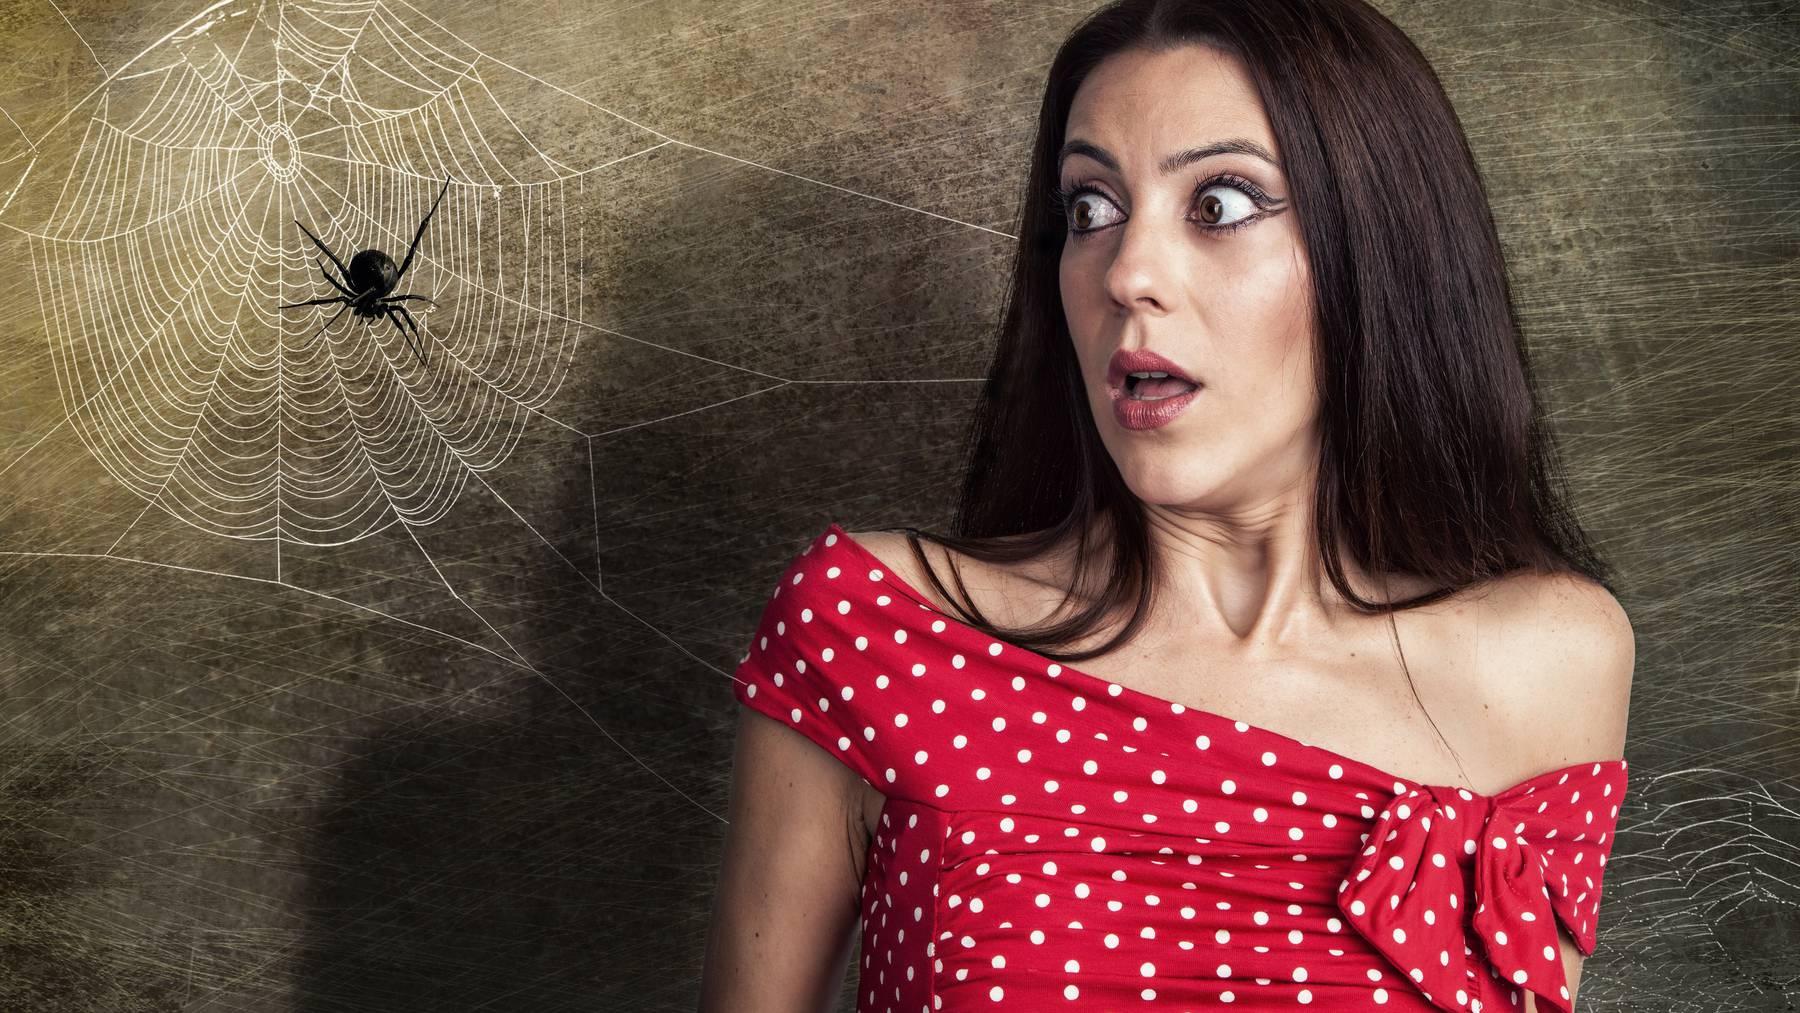 Arachnophobie, die panische Angst vor Spinnen, ist weit verbreitet